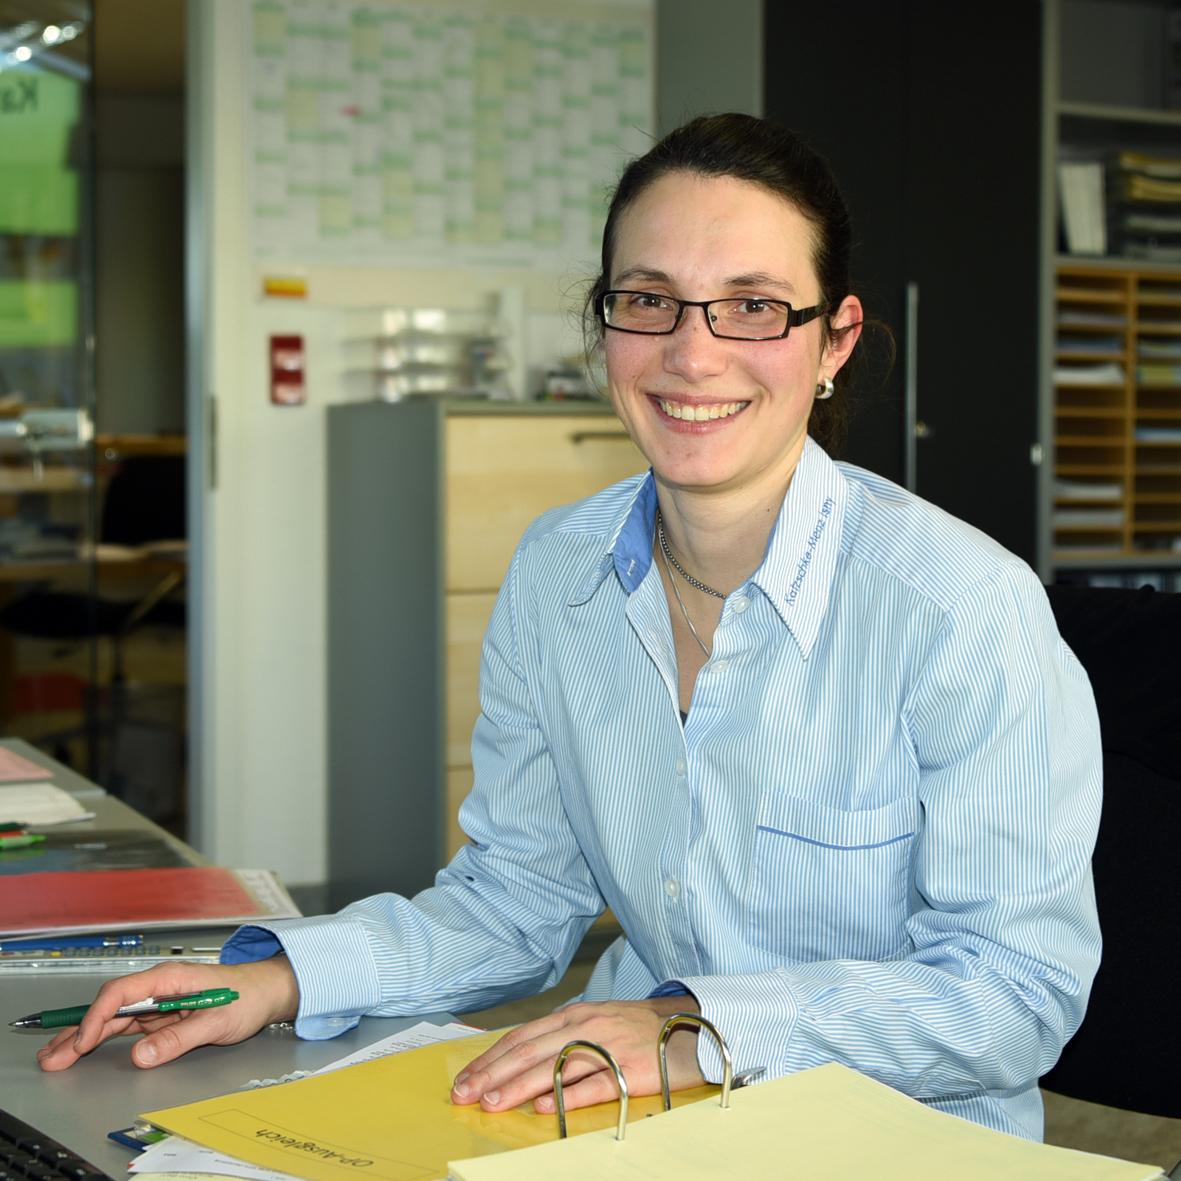 Ann-Kathrin Schmid